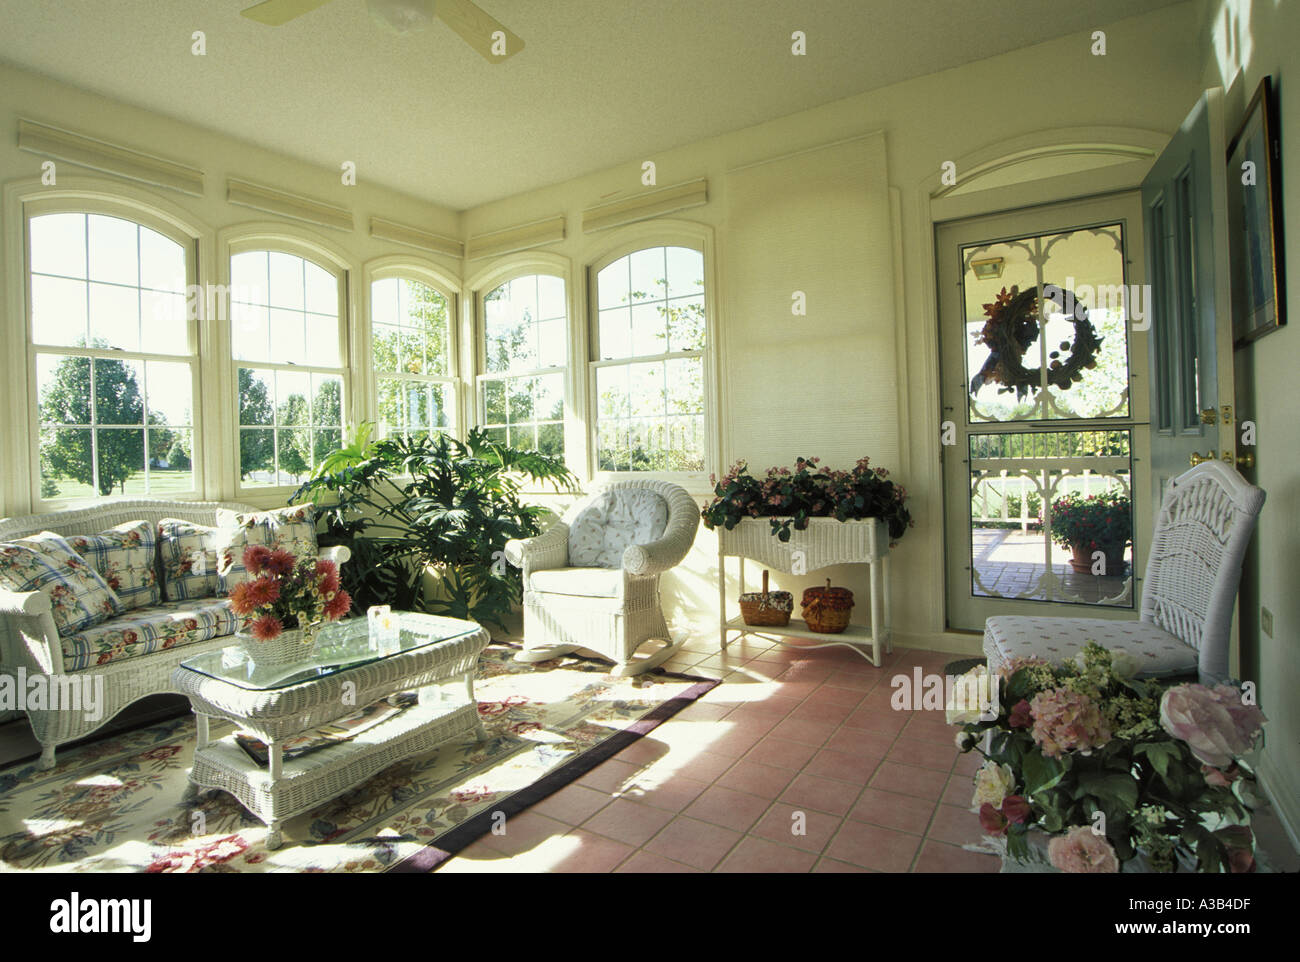 Verglaste Veranda Mit Weissen Geflochtenen Mobel Und Fliesen Boden